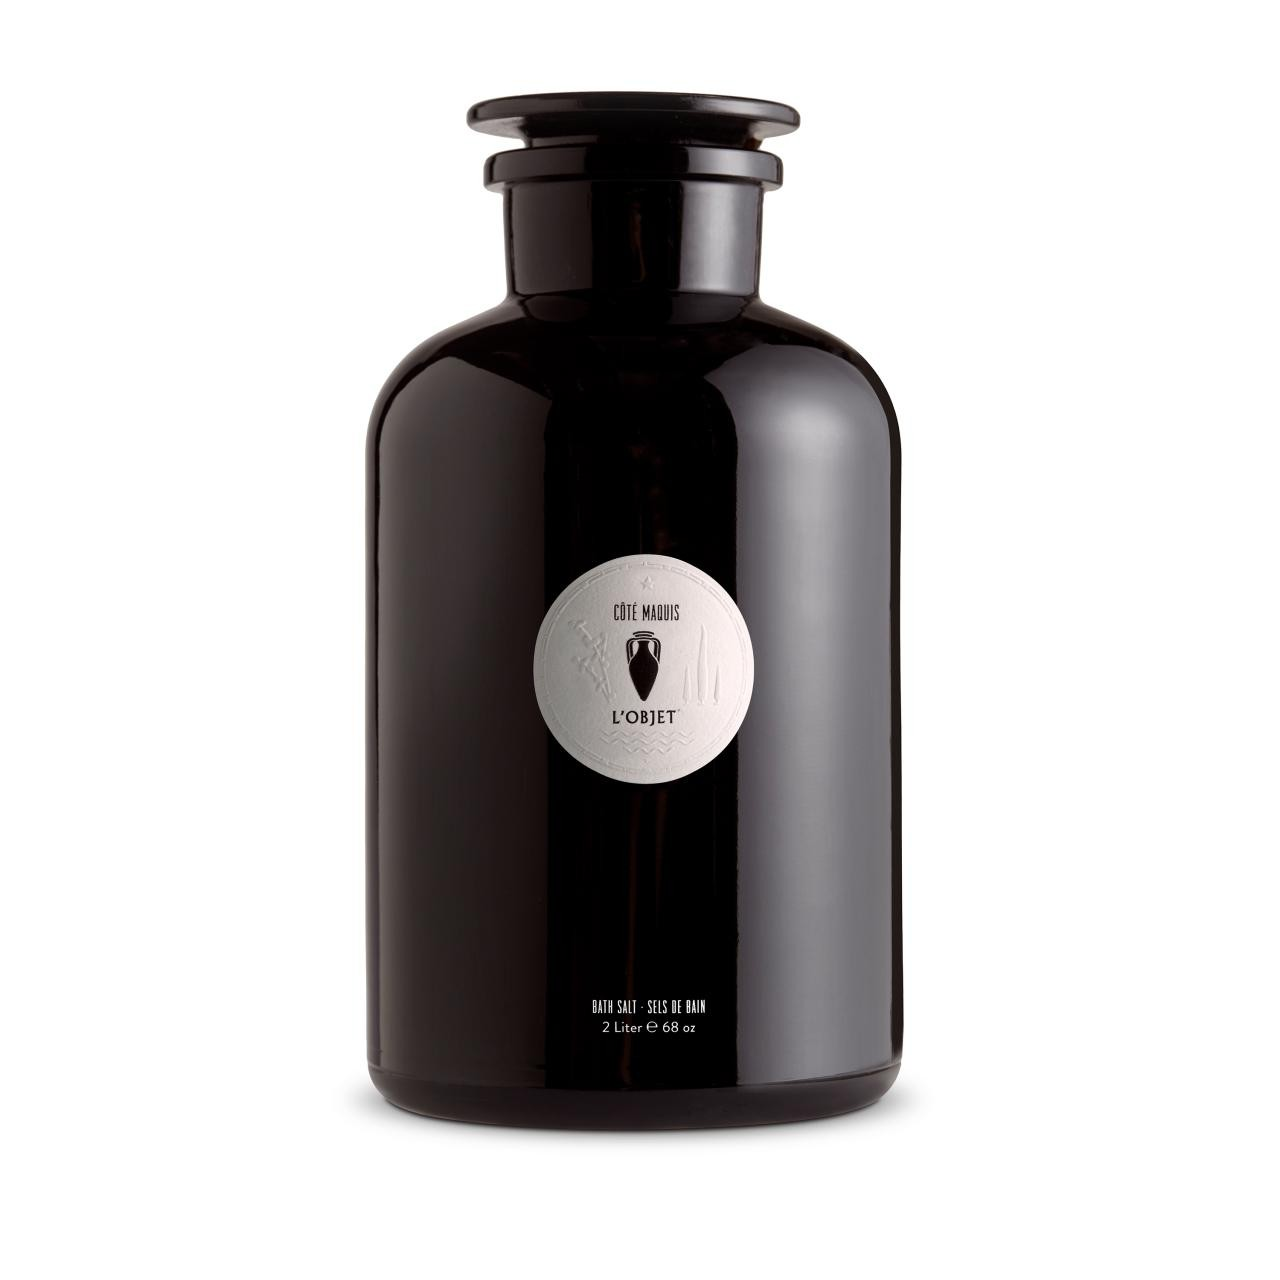 L'Objet I Côté Maquis Bath Salt - Large